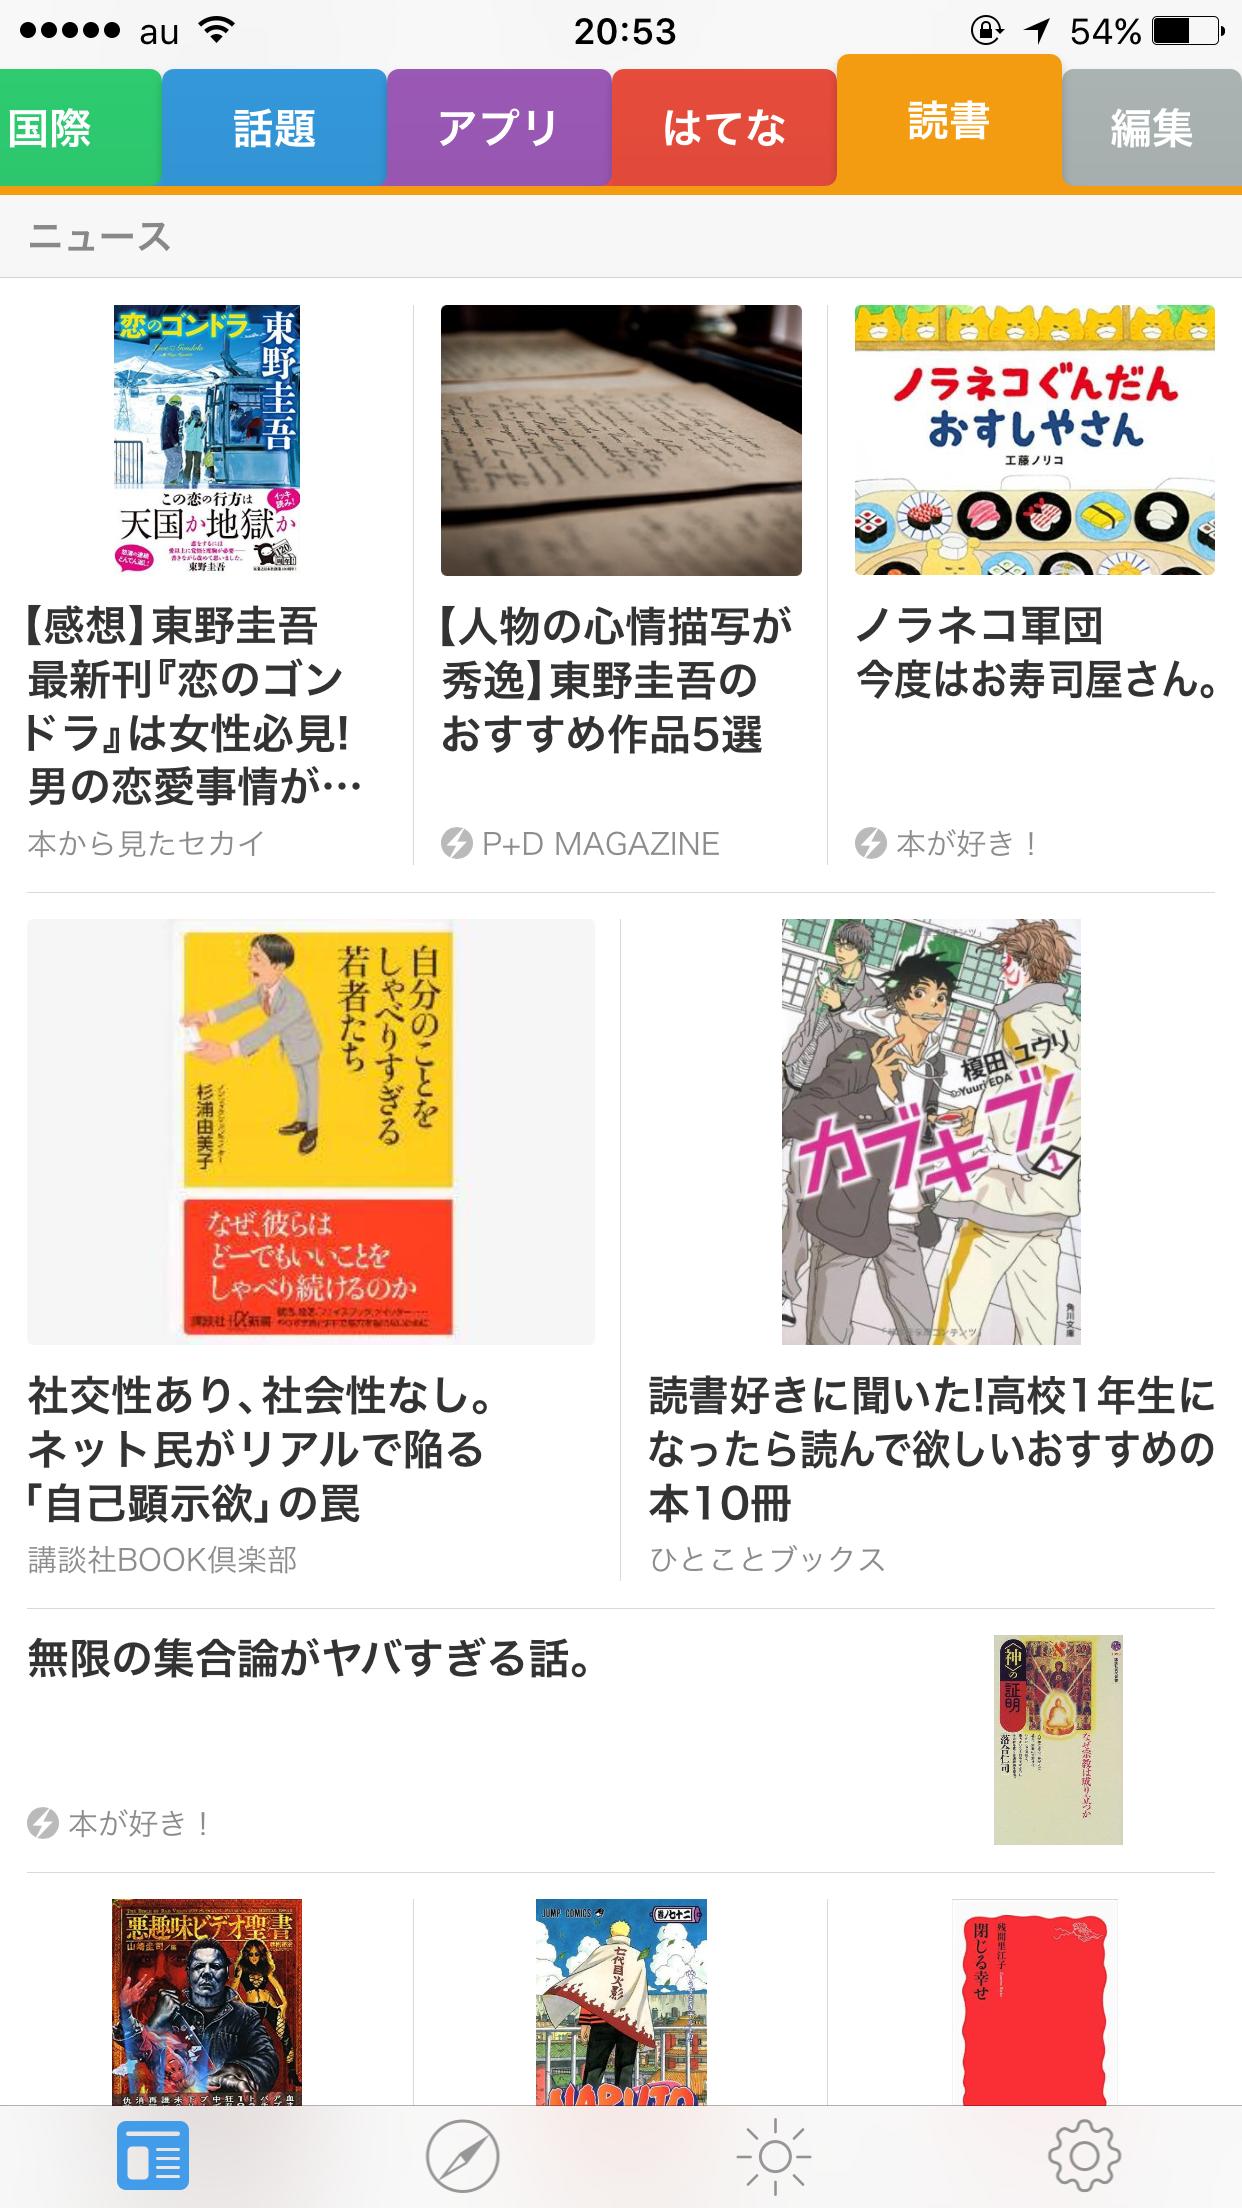 東野圭吾 『恋のゴンドラ』 スマートニュース 読書タブ